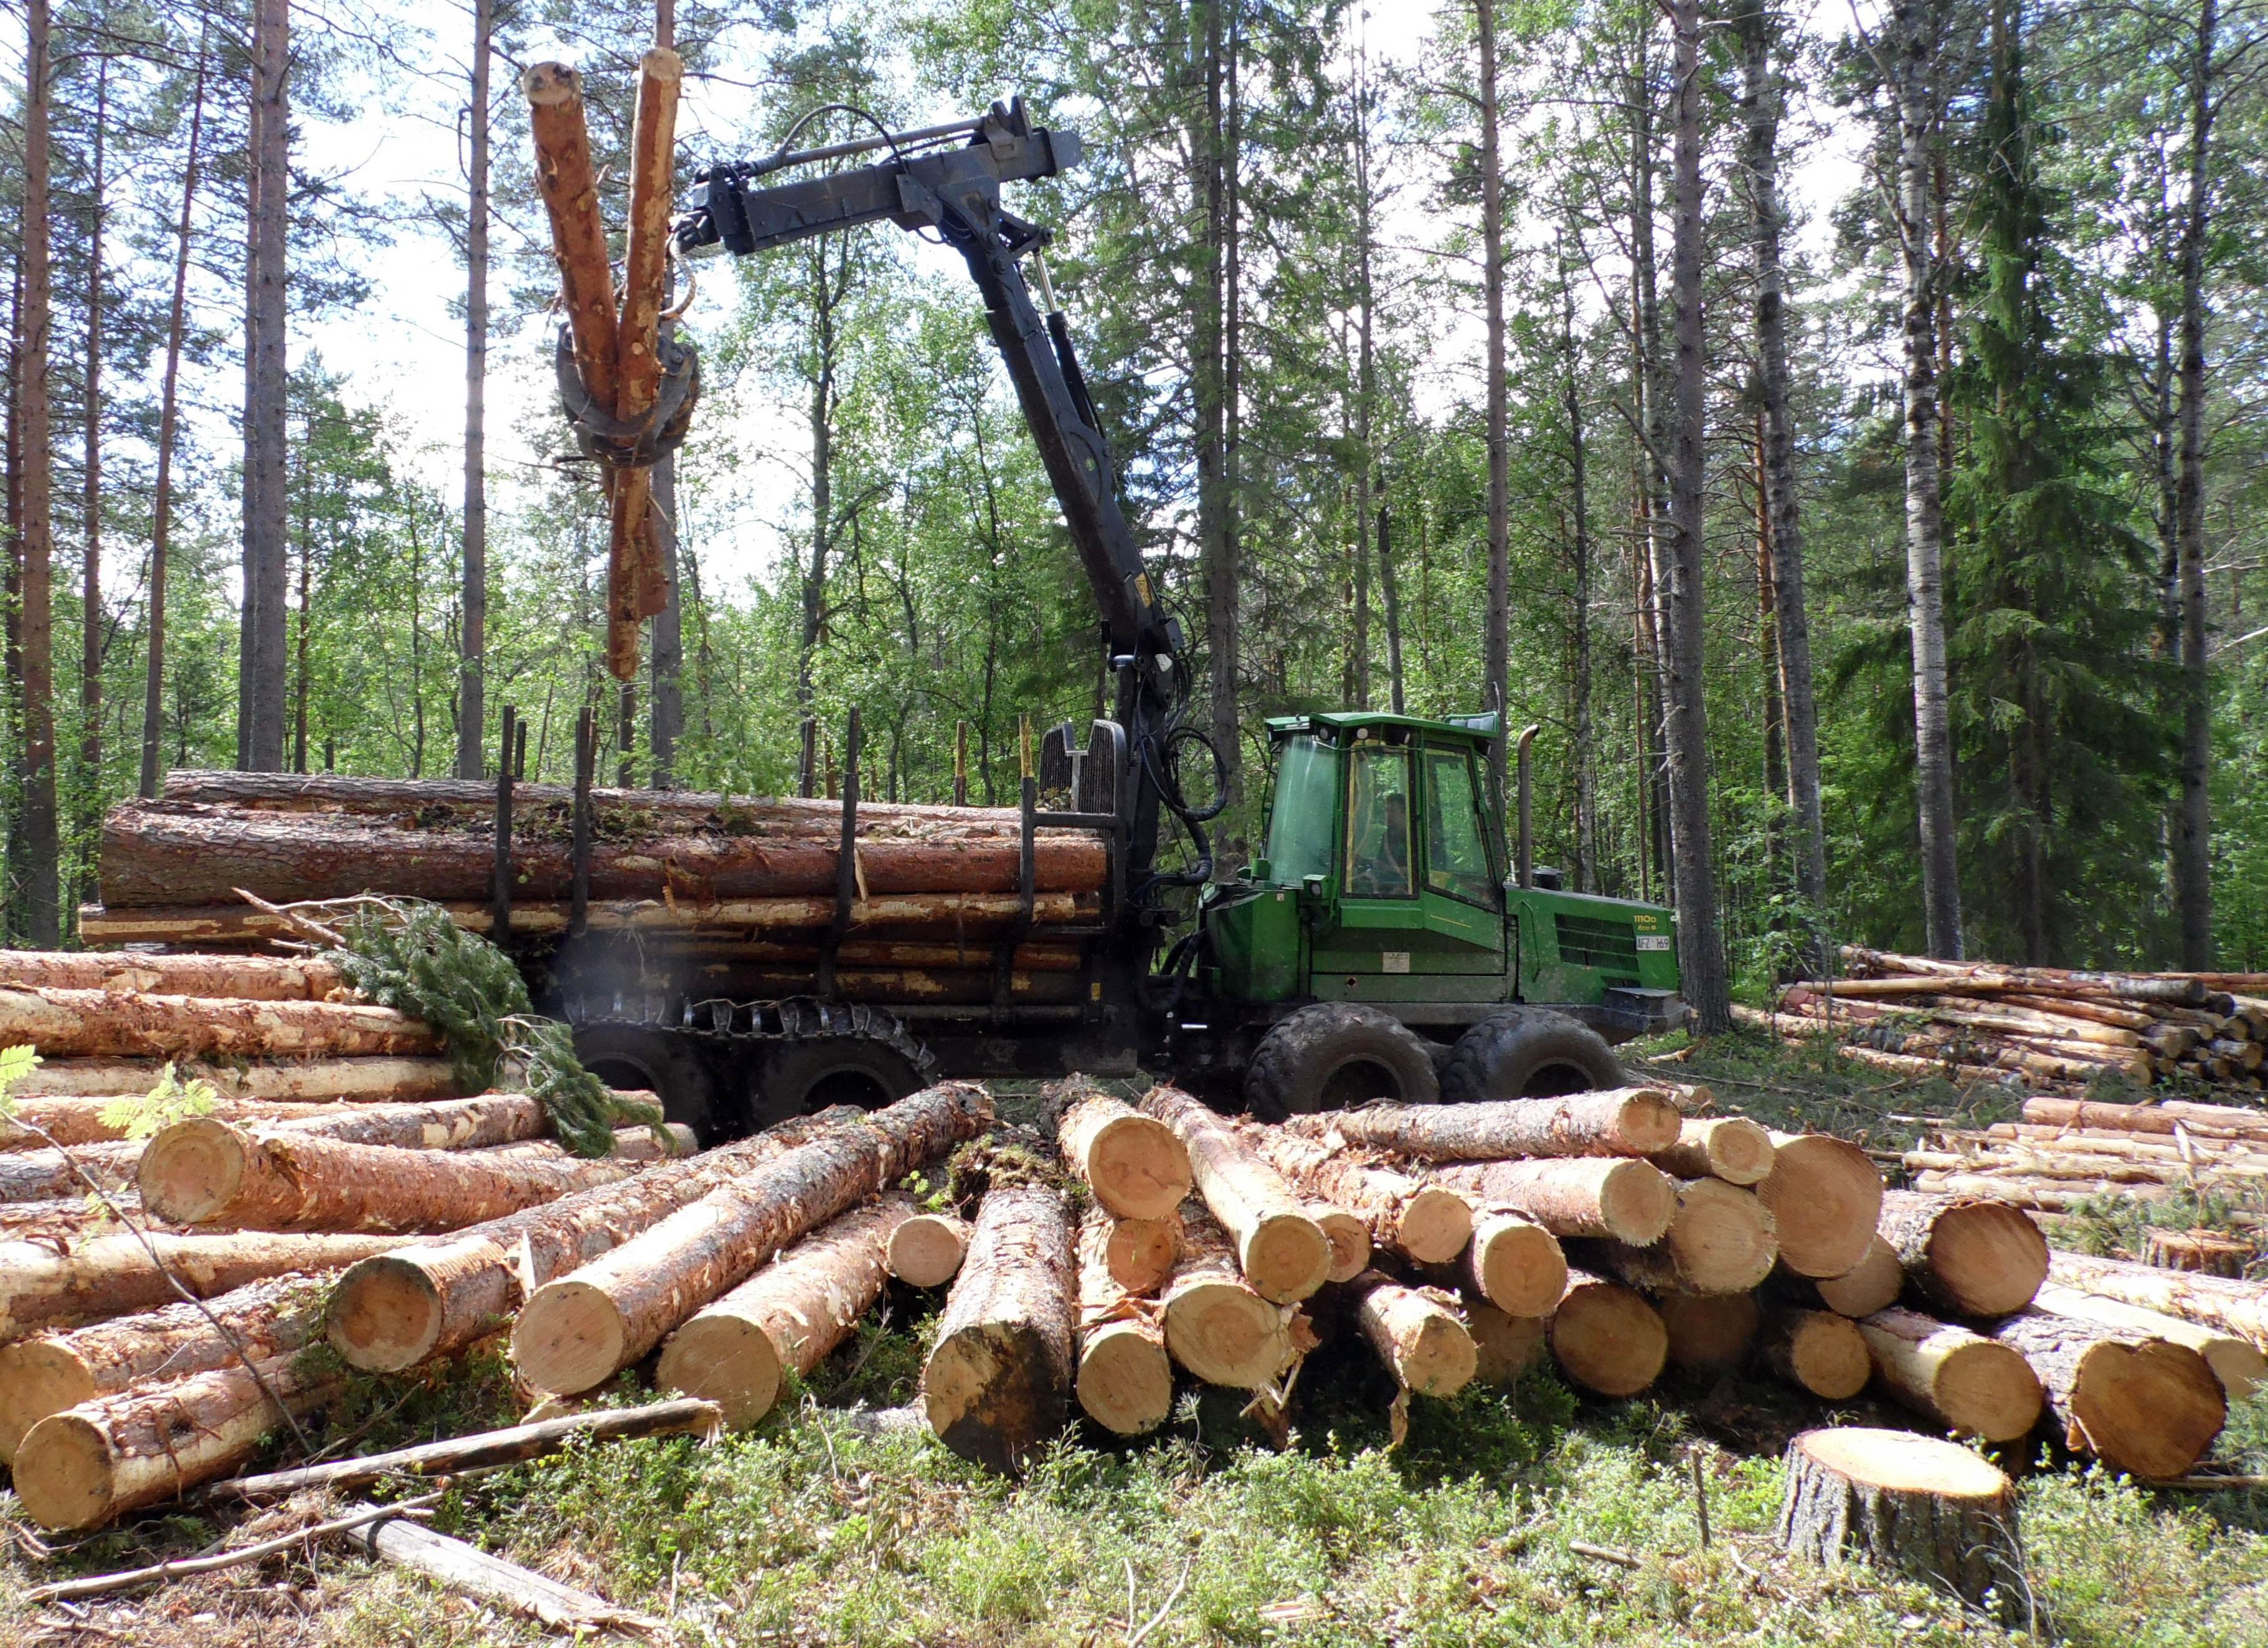 Форвардер убирает спиленный лес. Фото: Алексей Владимиров